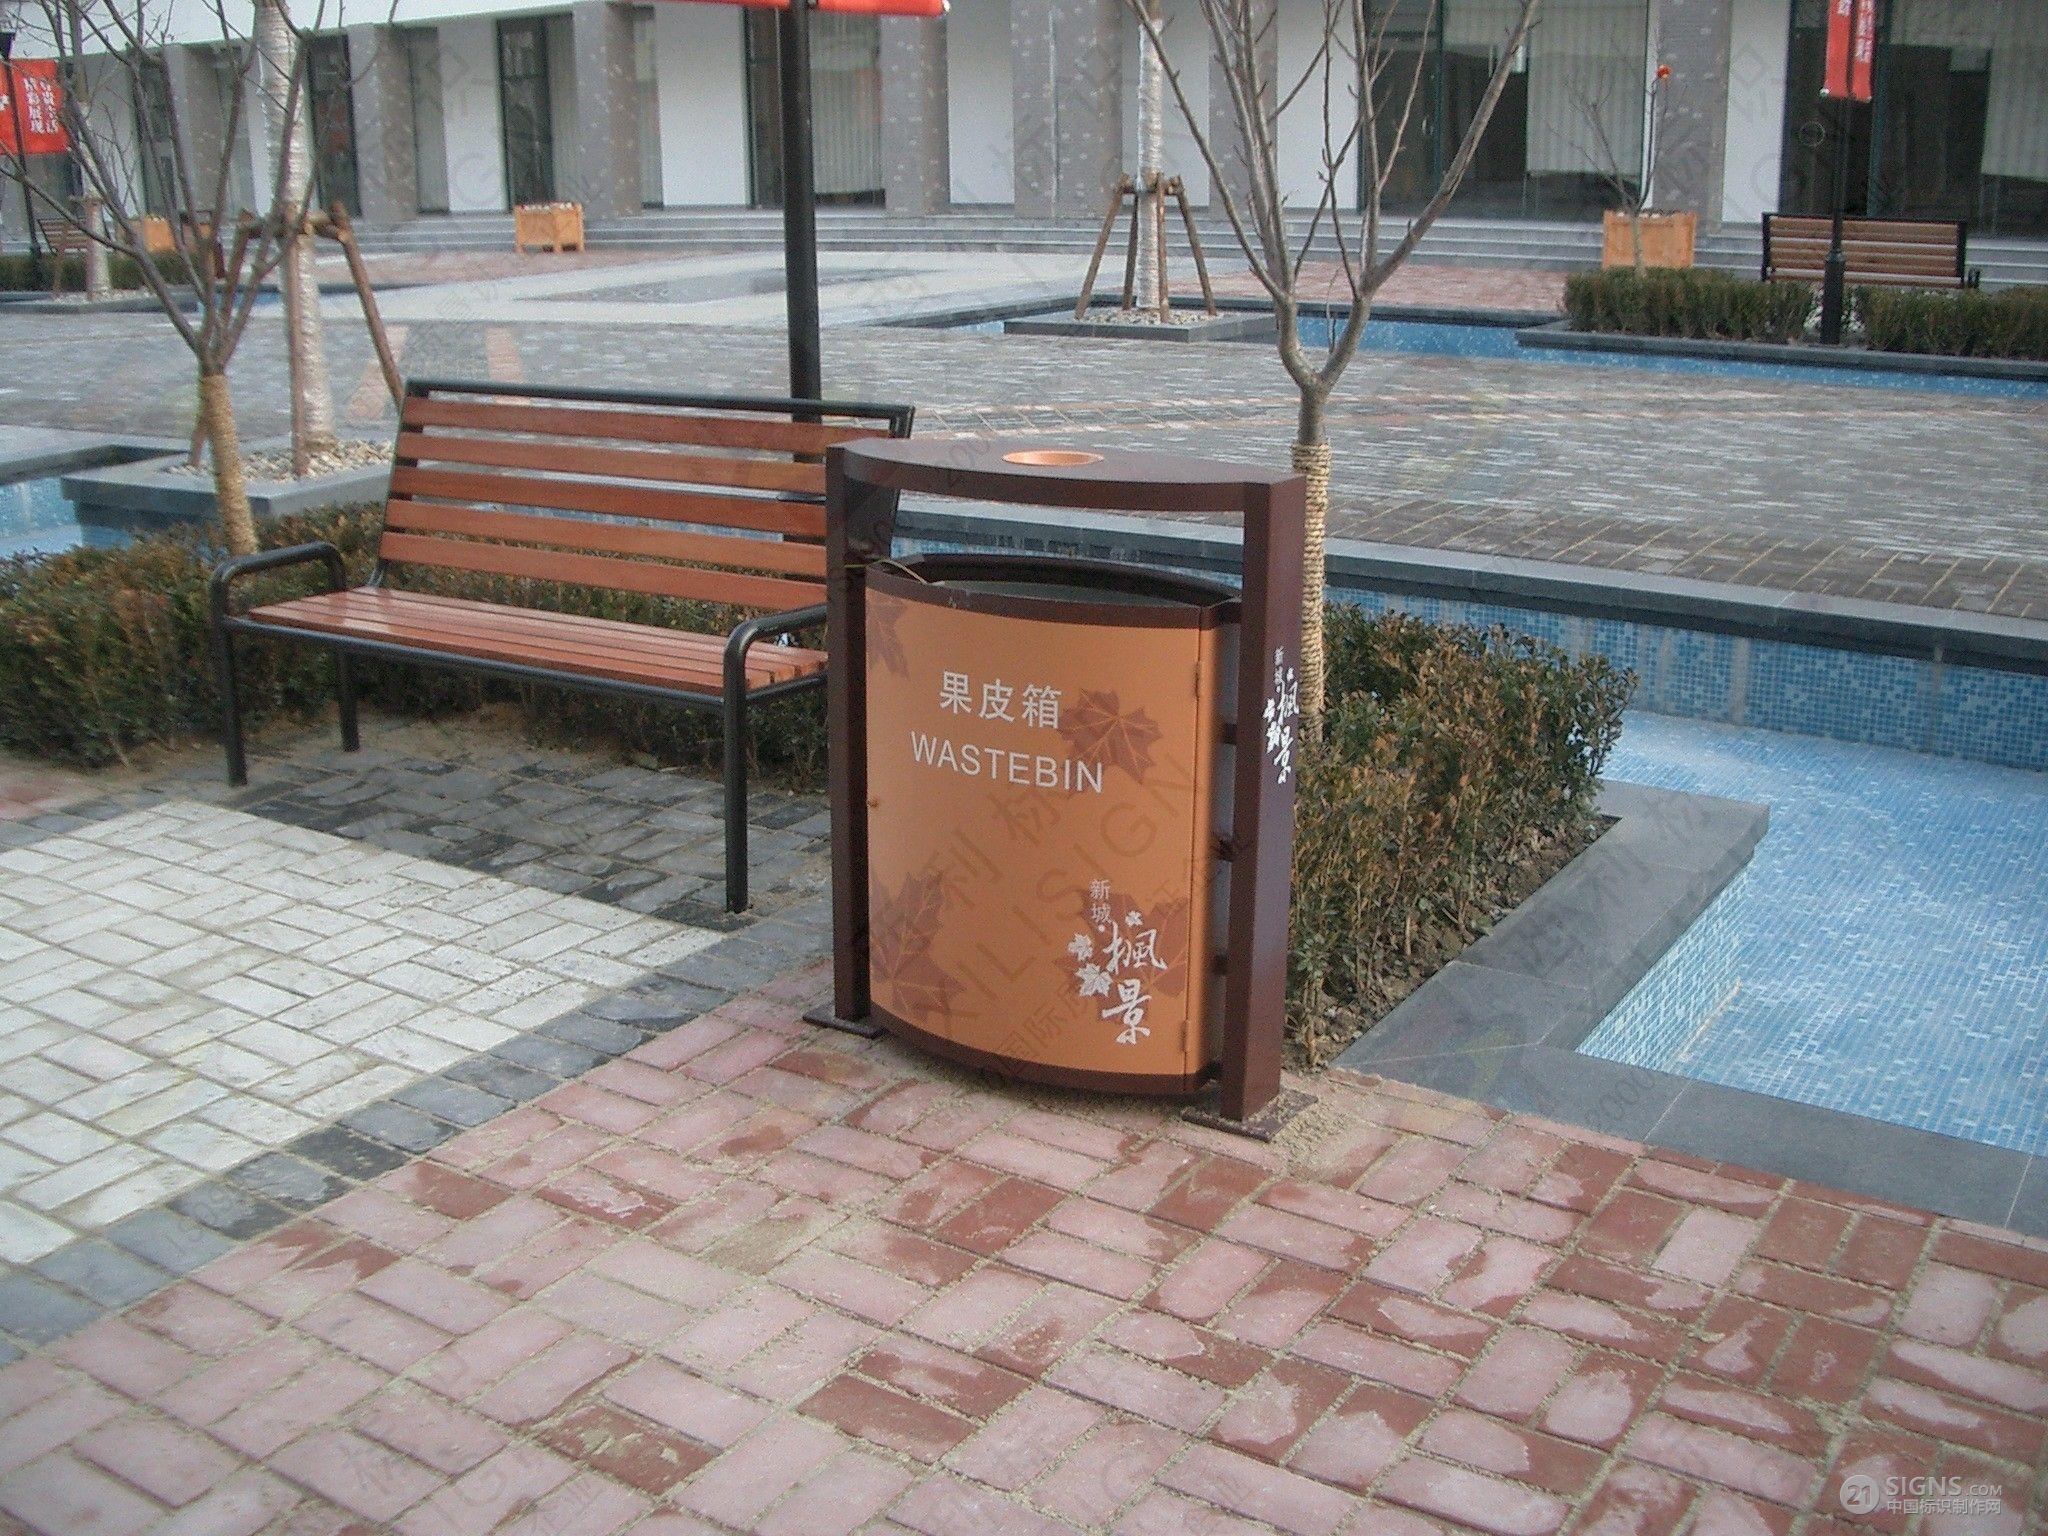 上海-新城枫景-垃圾桶标识设计图片